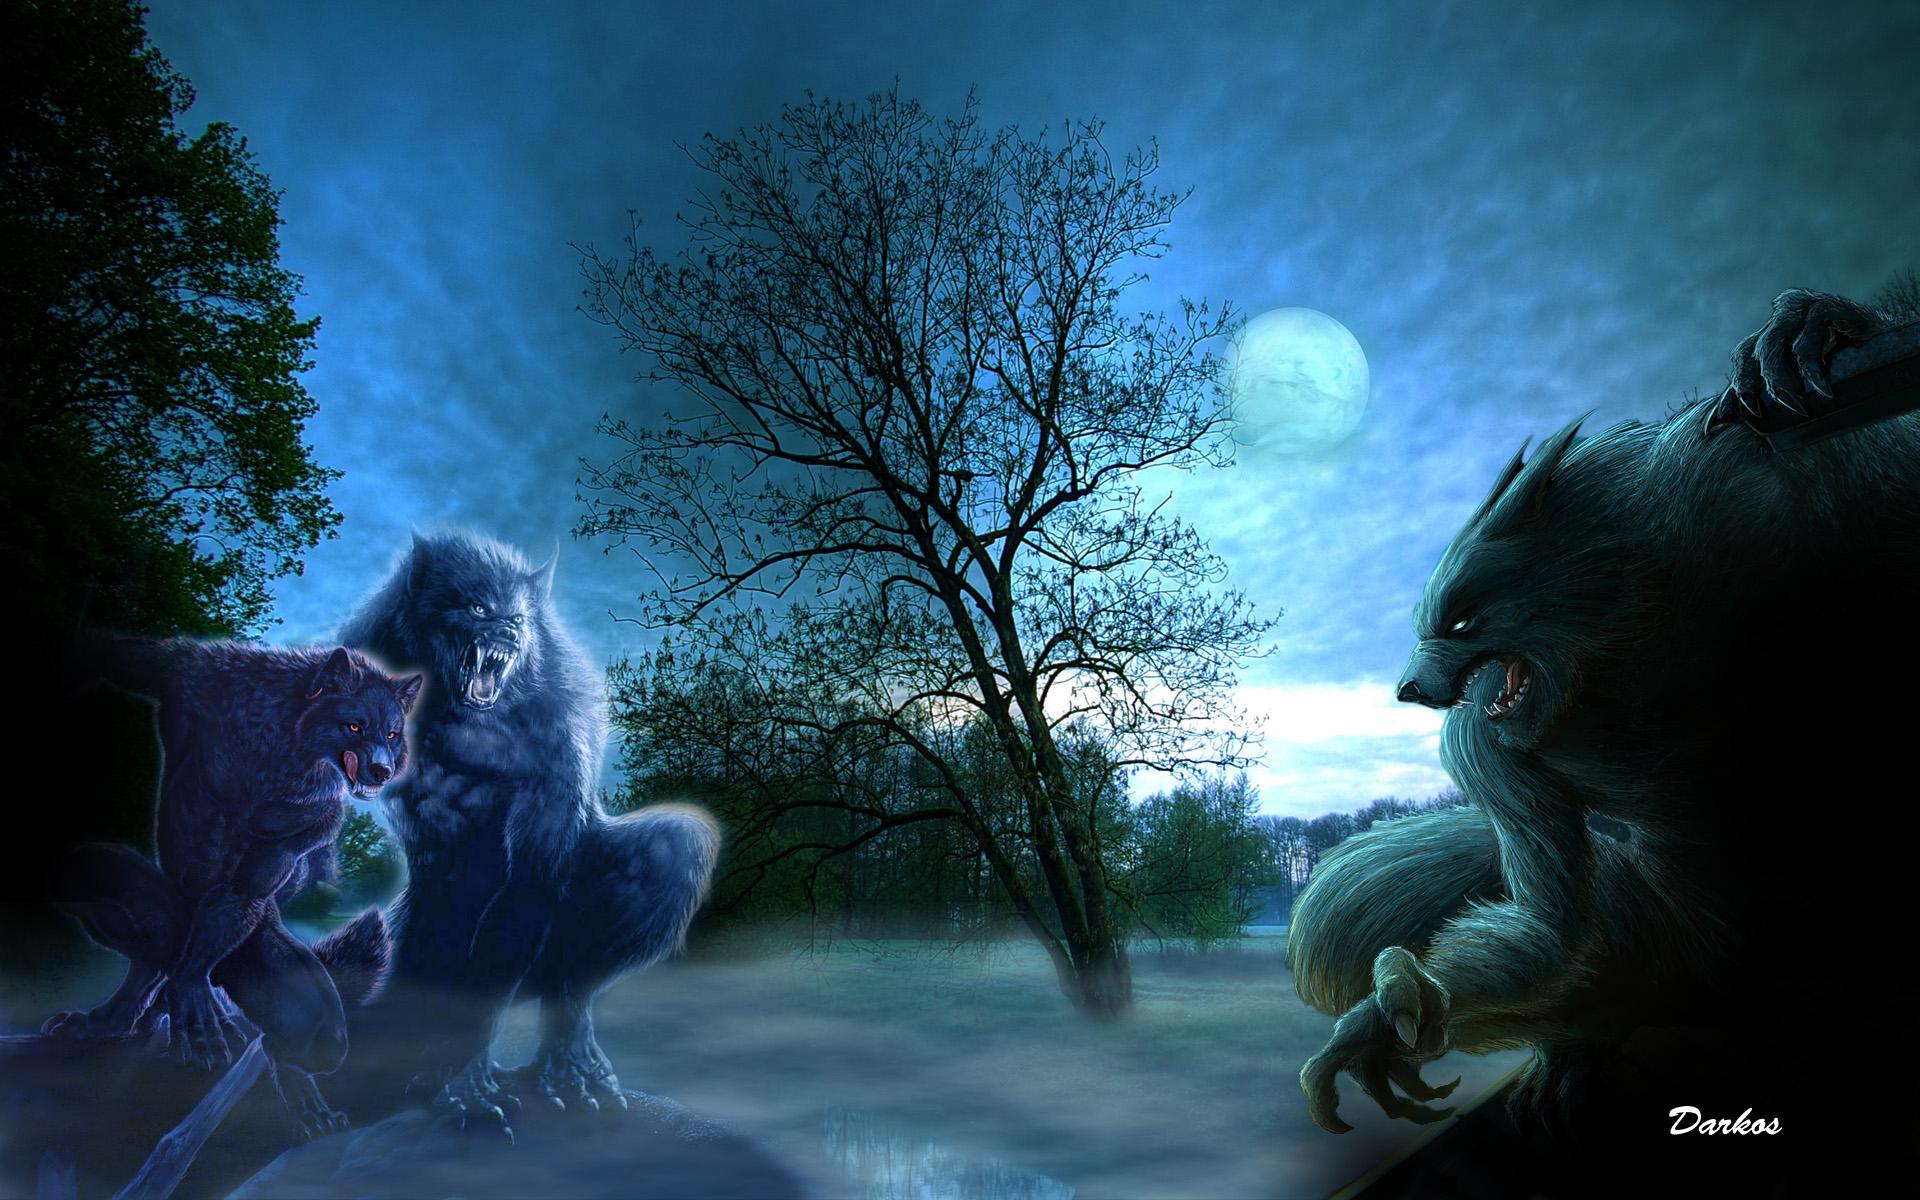 Dark Werewolf Wallpaper 1920x1200 Dark Werewolf 1920x1200